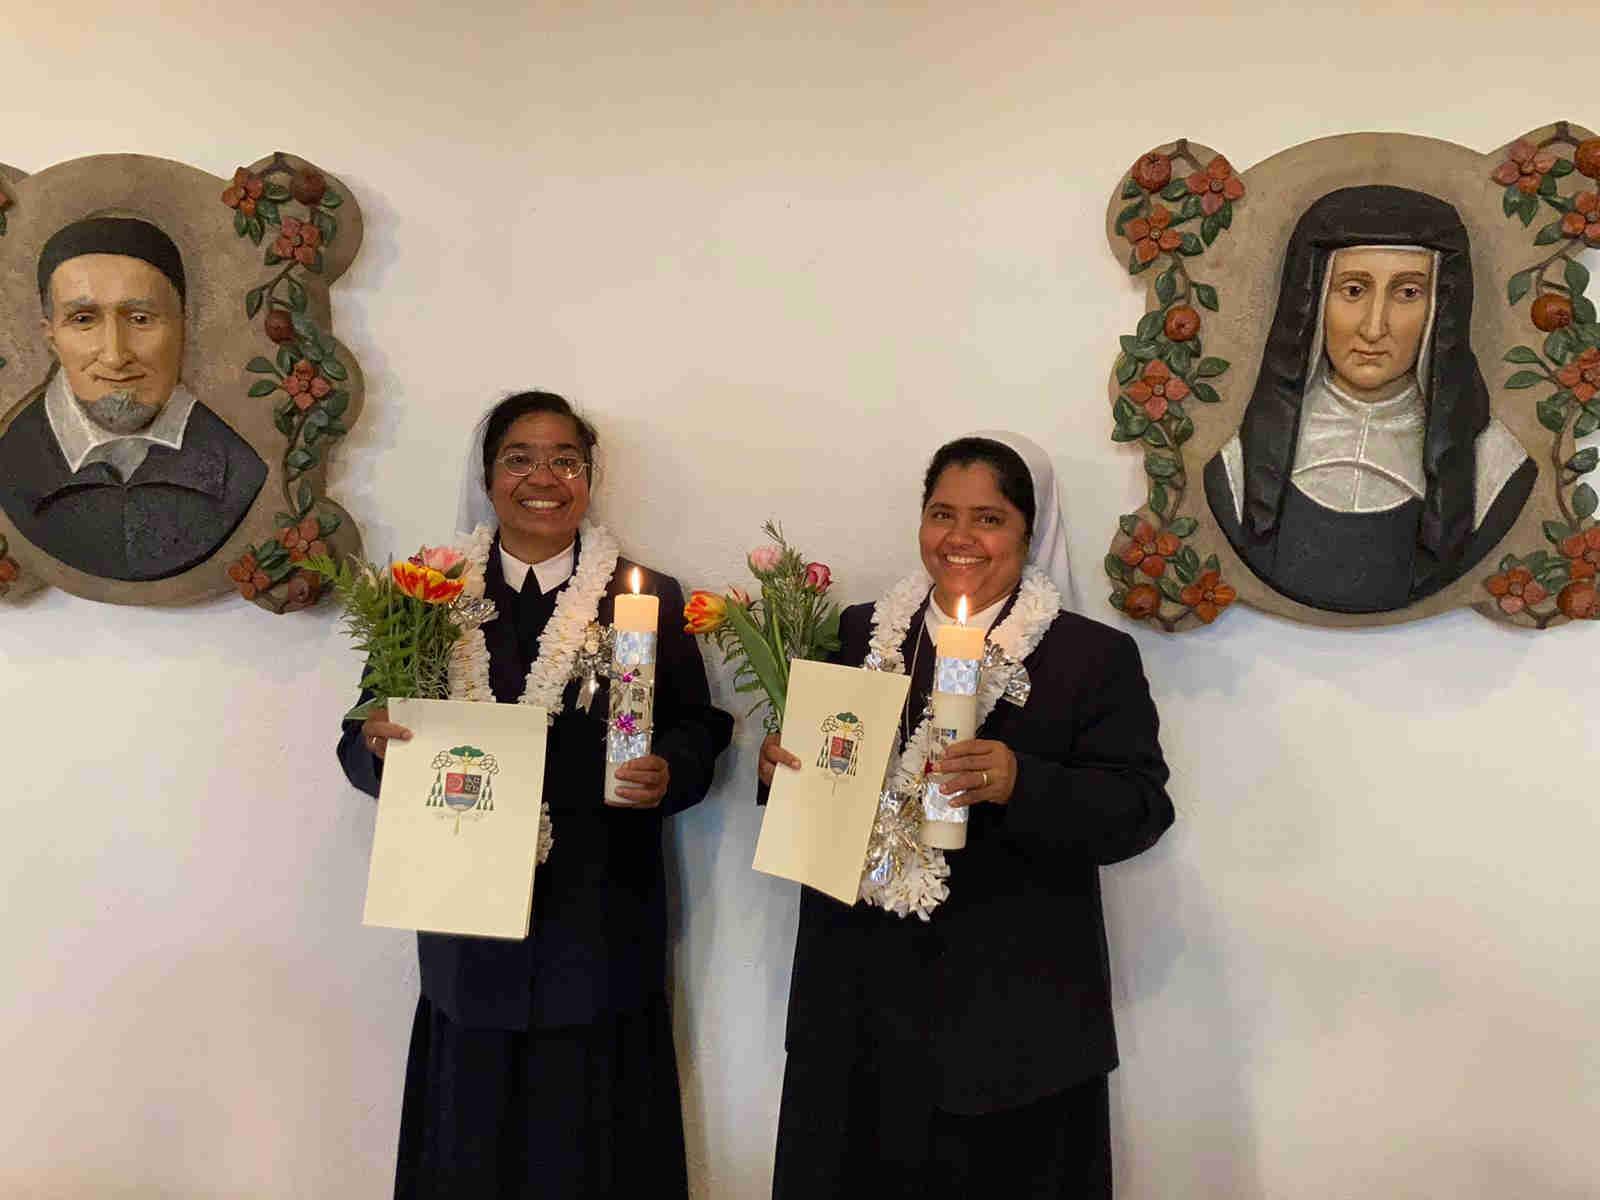 Schwester Elsamma und Schwester Sophy mit Kerzen, Blumen und Urkunde in der Kapelle des Mutterhaus Sankt Vinzenz zum Silbernen Ordensjubiläum. Auf den Seiten befinden sich die Wandilder vom heiligen Vinzenz von Paul und von der heiligen Mutter Luise.